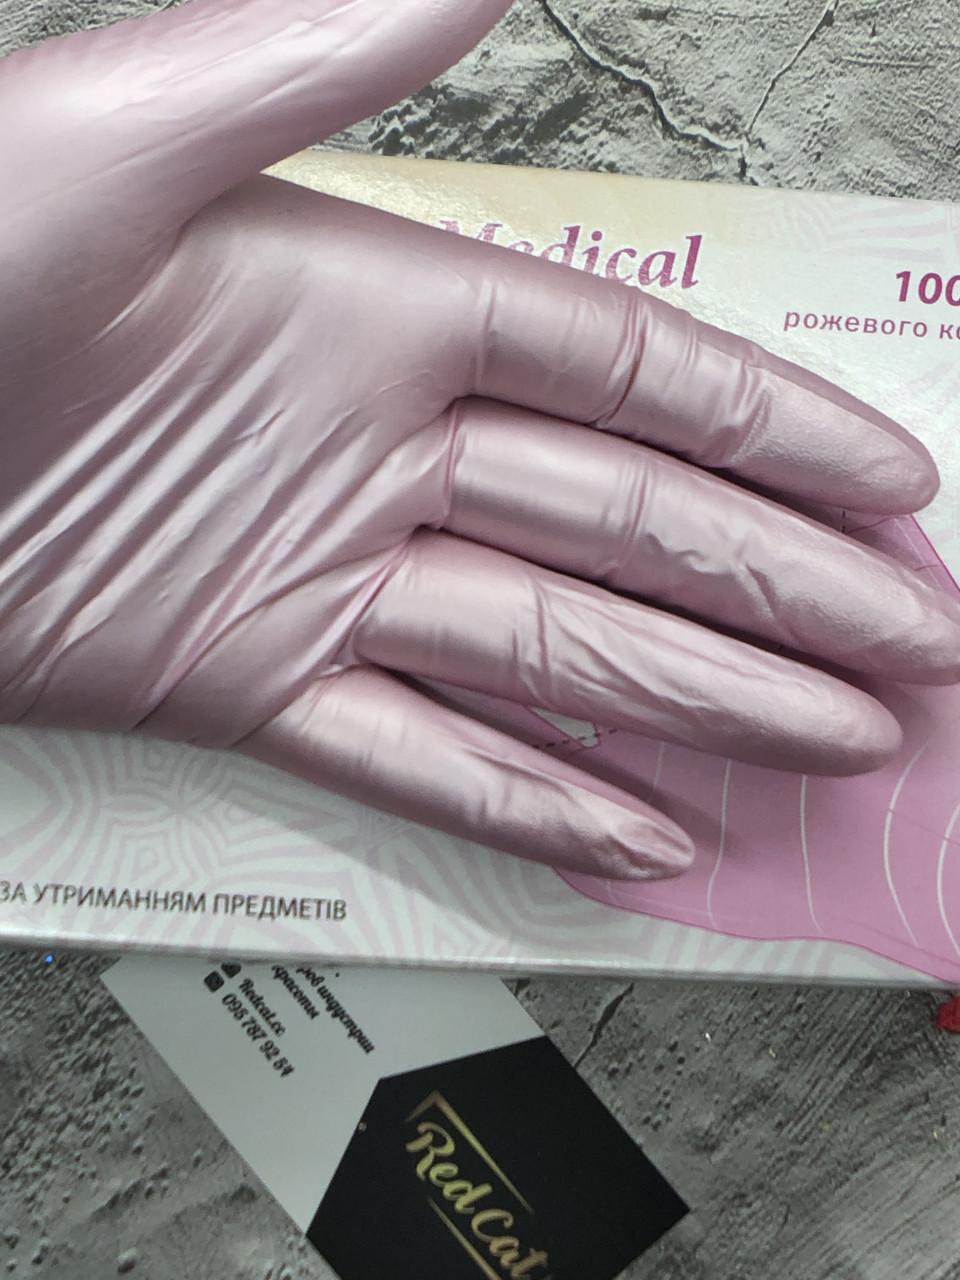 Перчатки нитриловые розовые с перламутром Prestige Medical